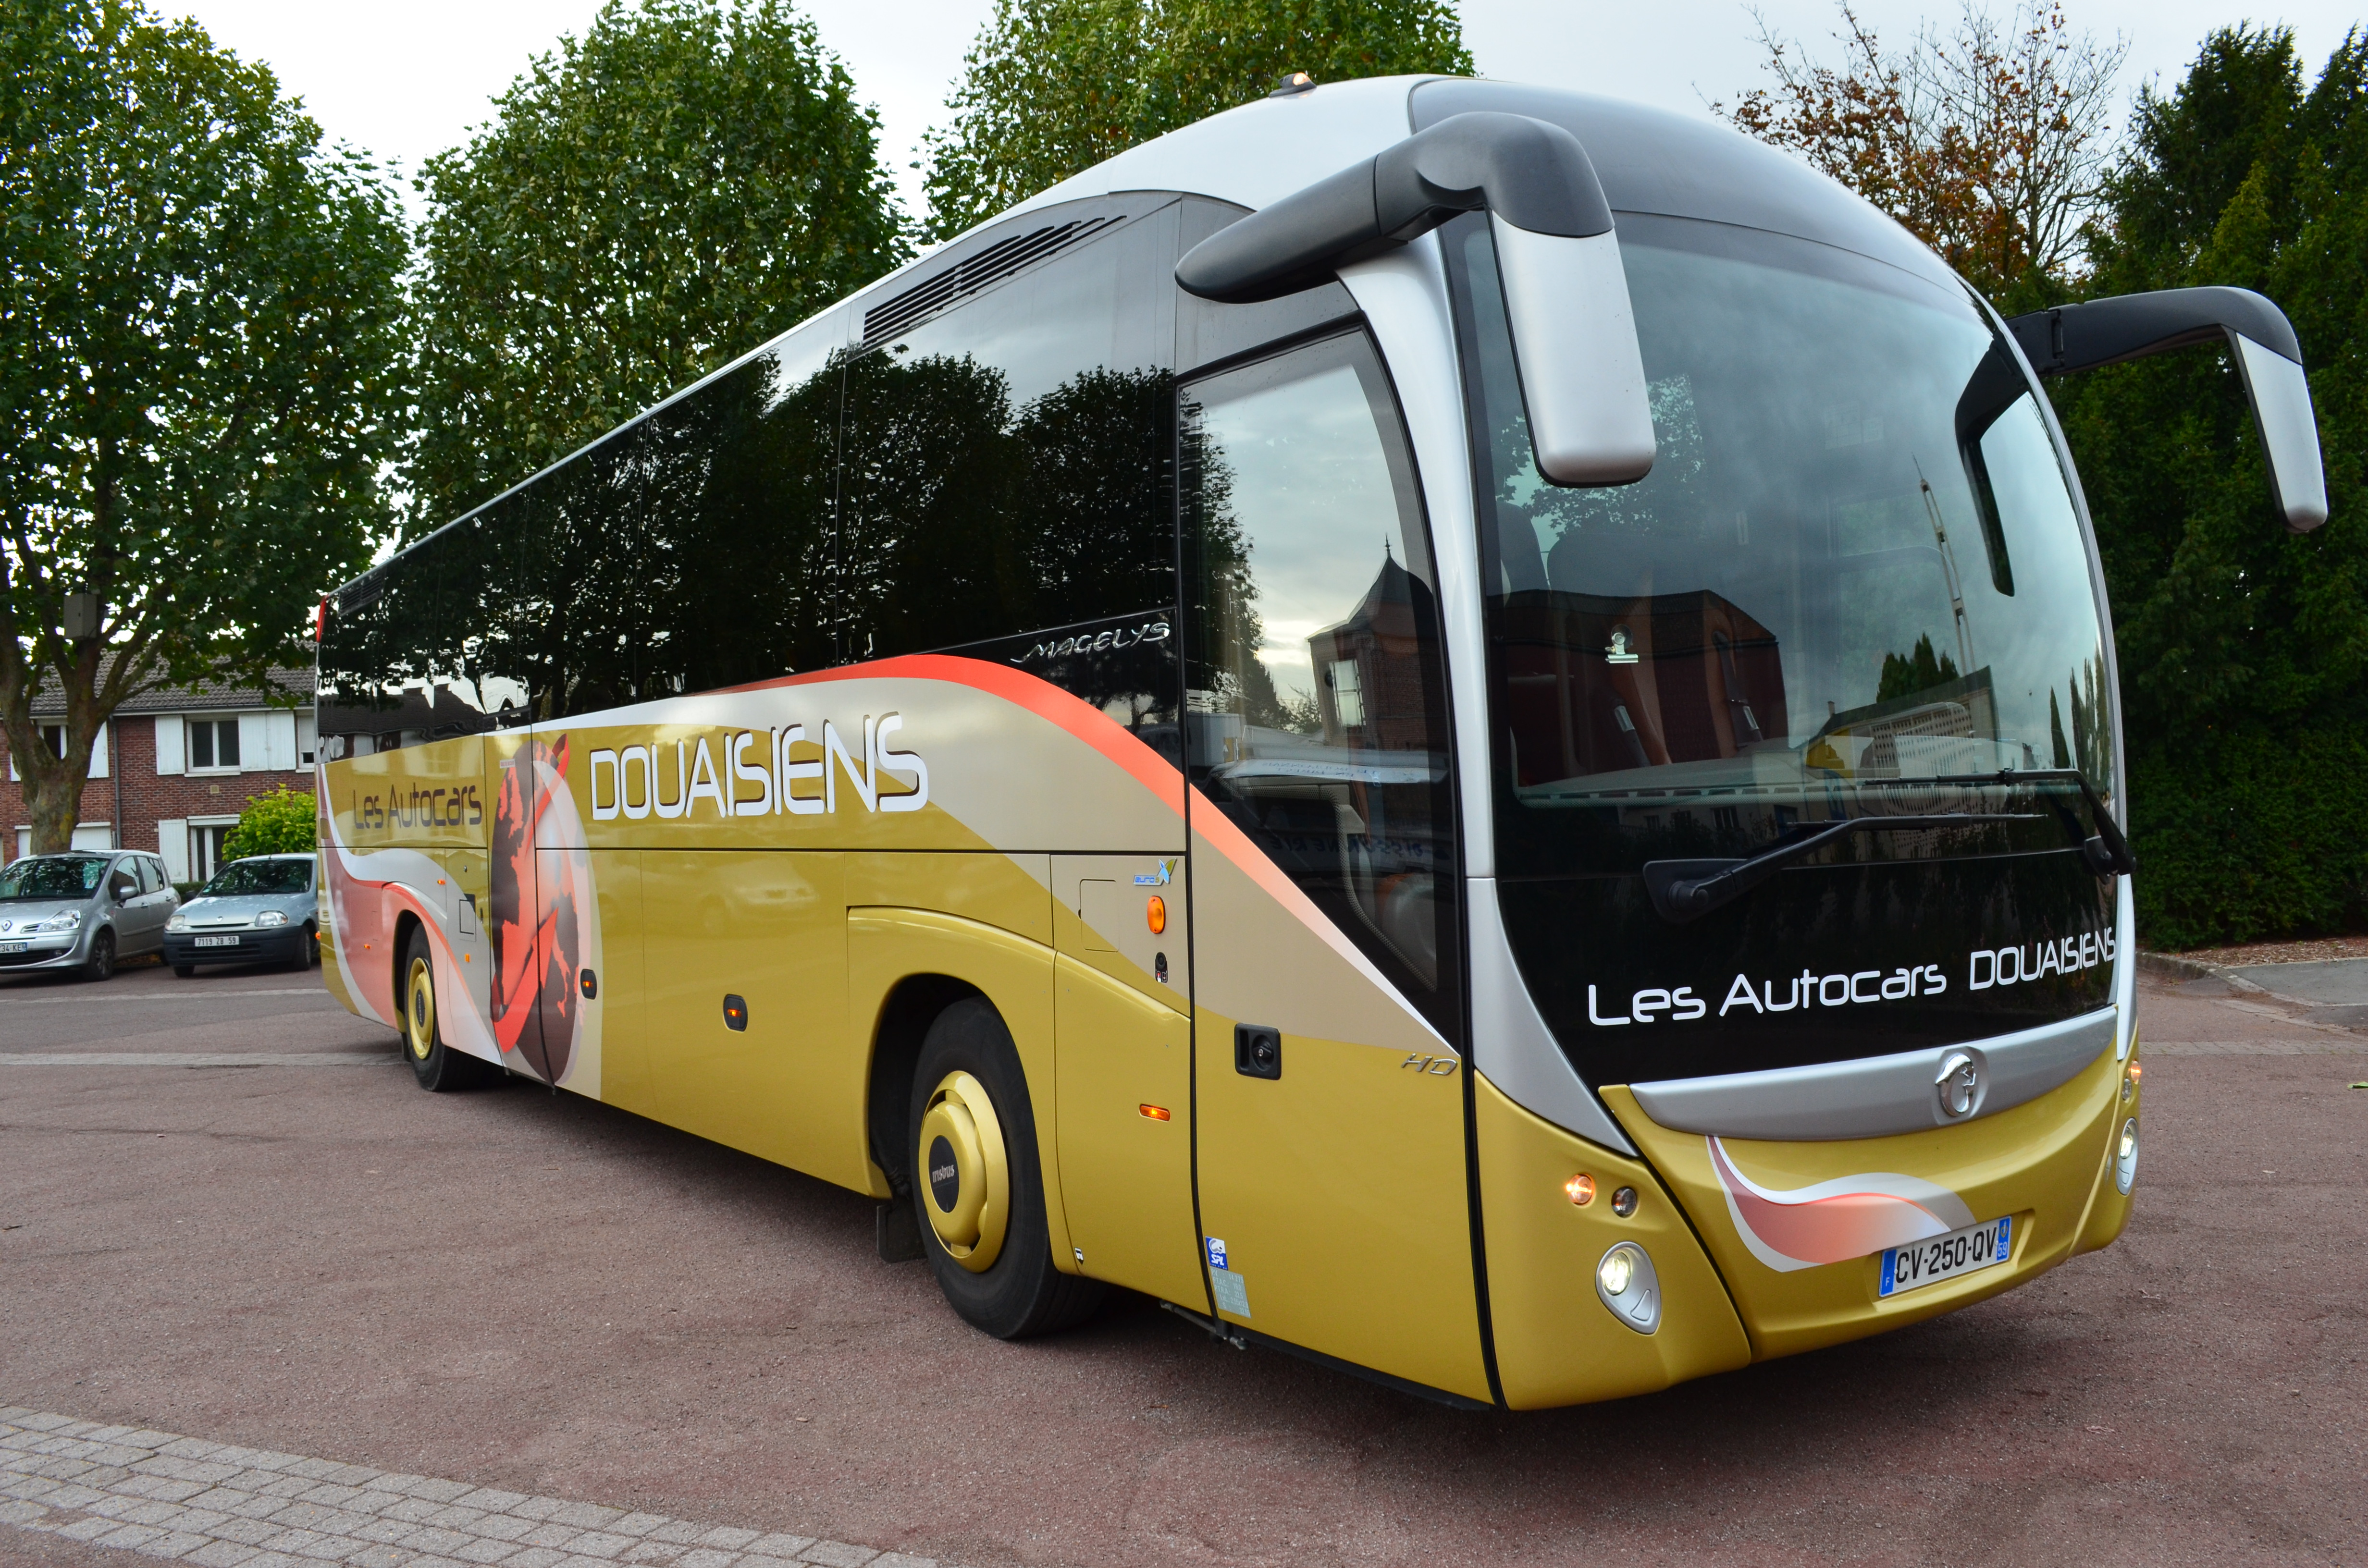 voyage autocar autocar grand tourisme luxe 53 places. Black Bedroom Furniture Sets. Home Design Ideas